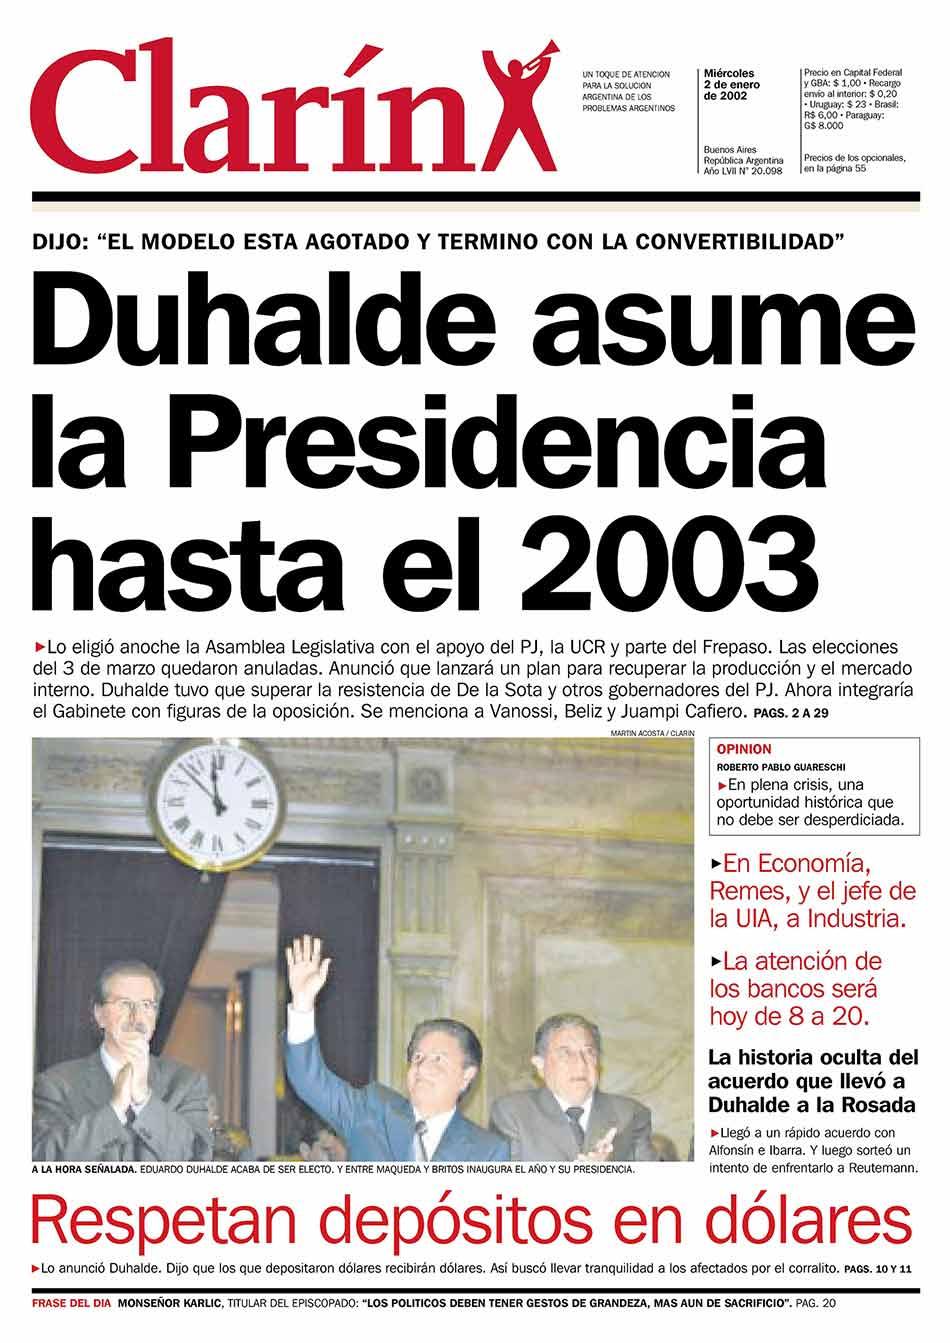 Duhalde 2002